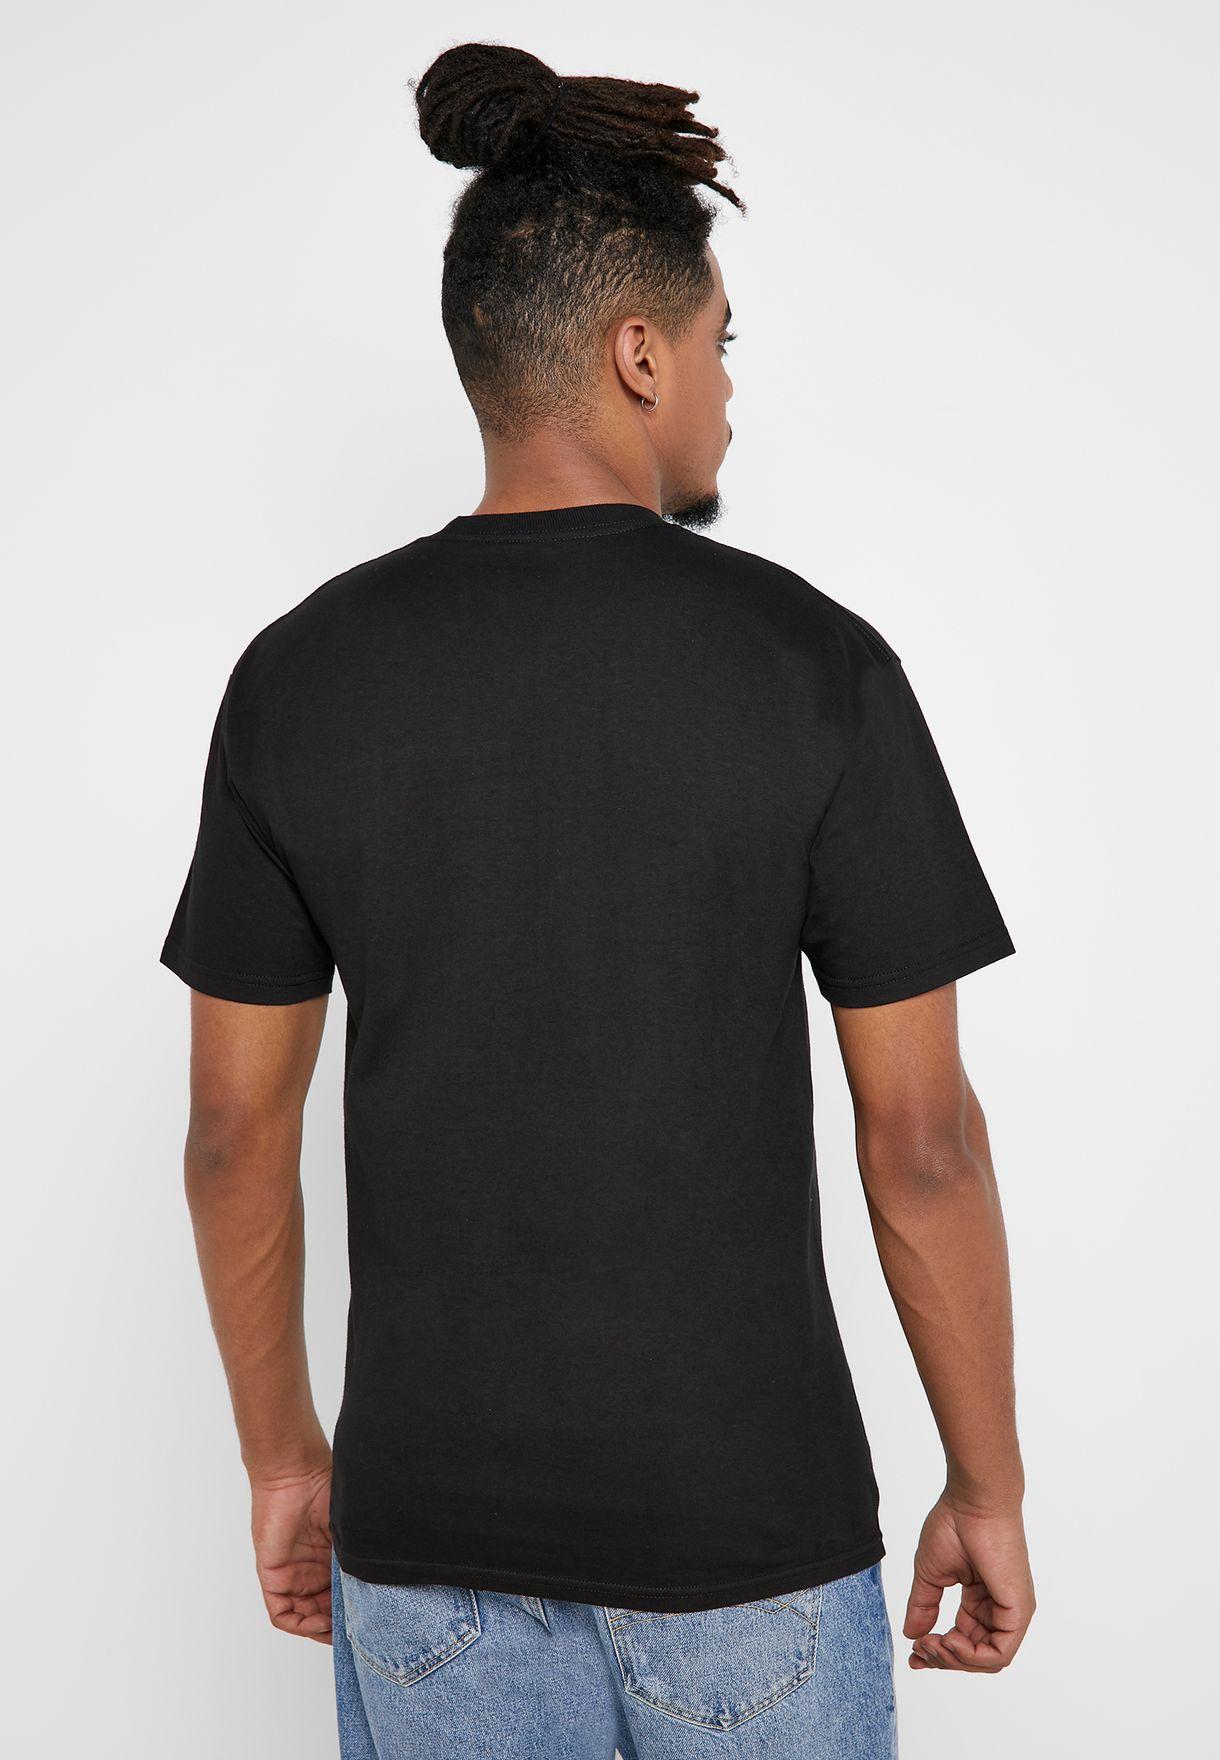 Information Warfare T-Shirt